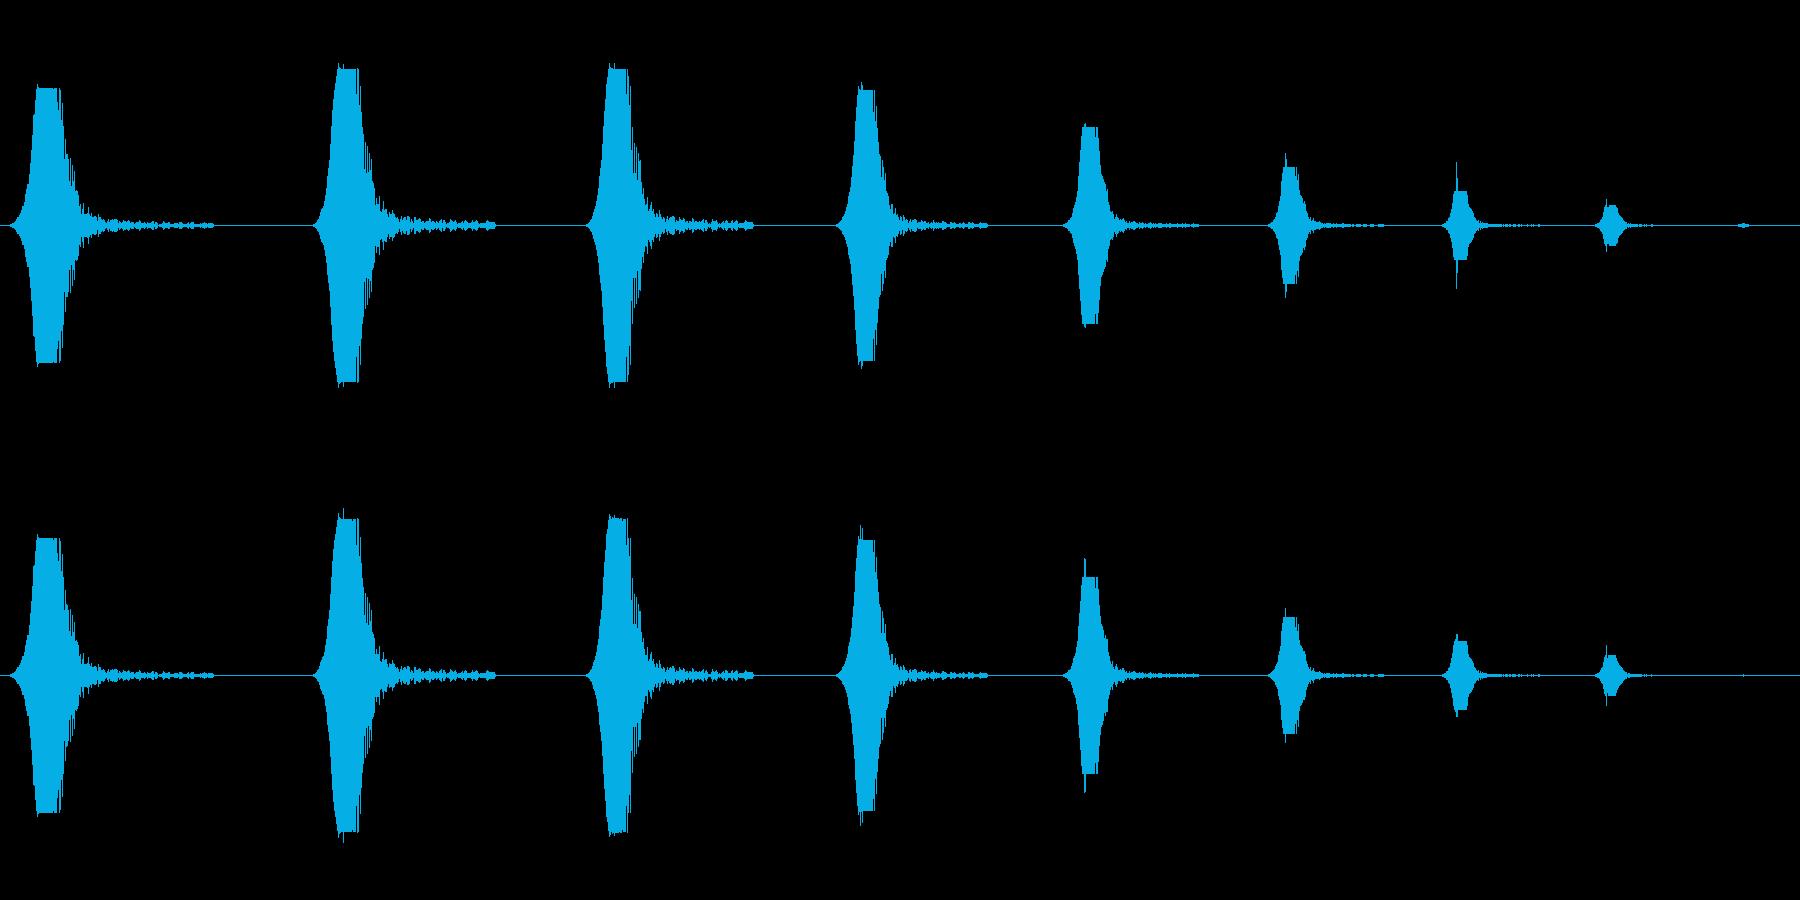 プワプワプワプワァ(潜水時・回想時など)の再生済みの波形